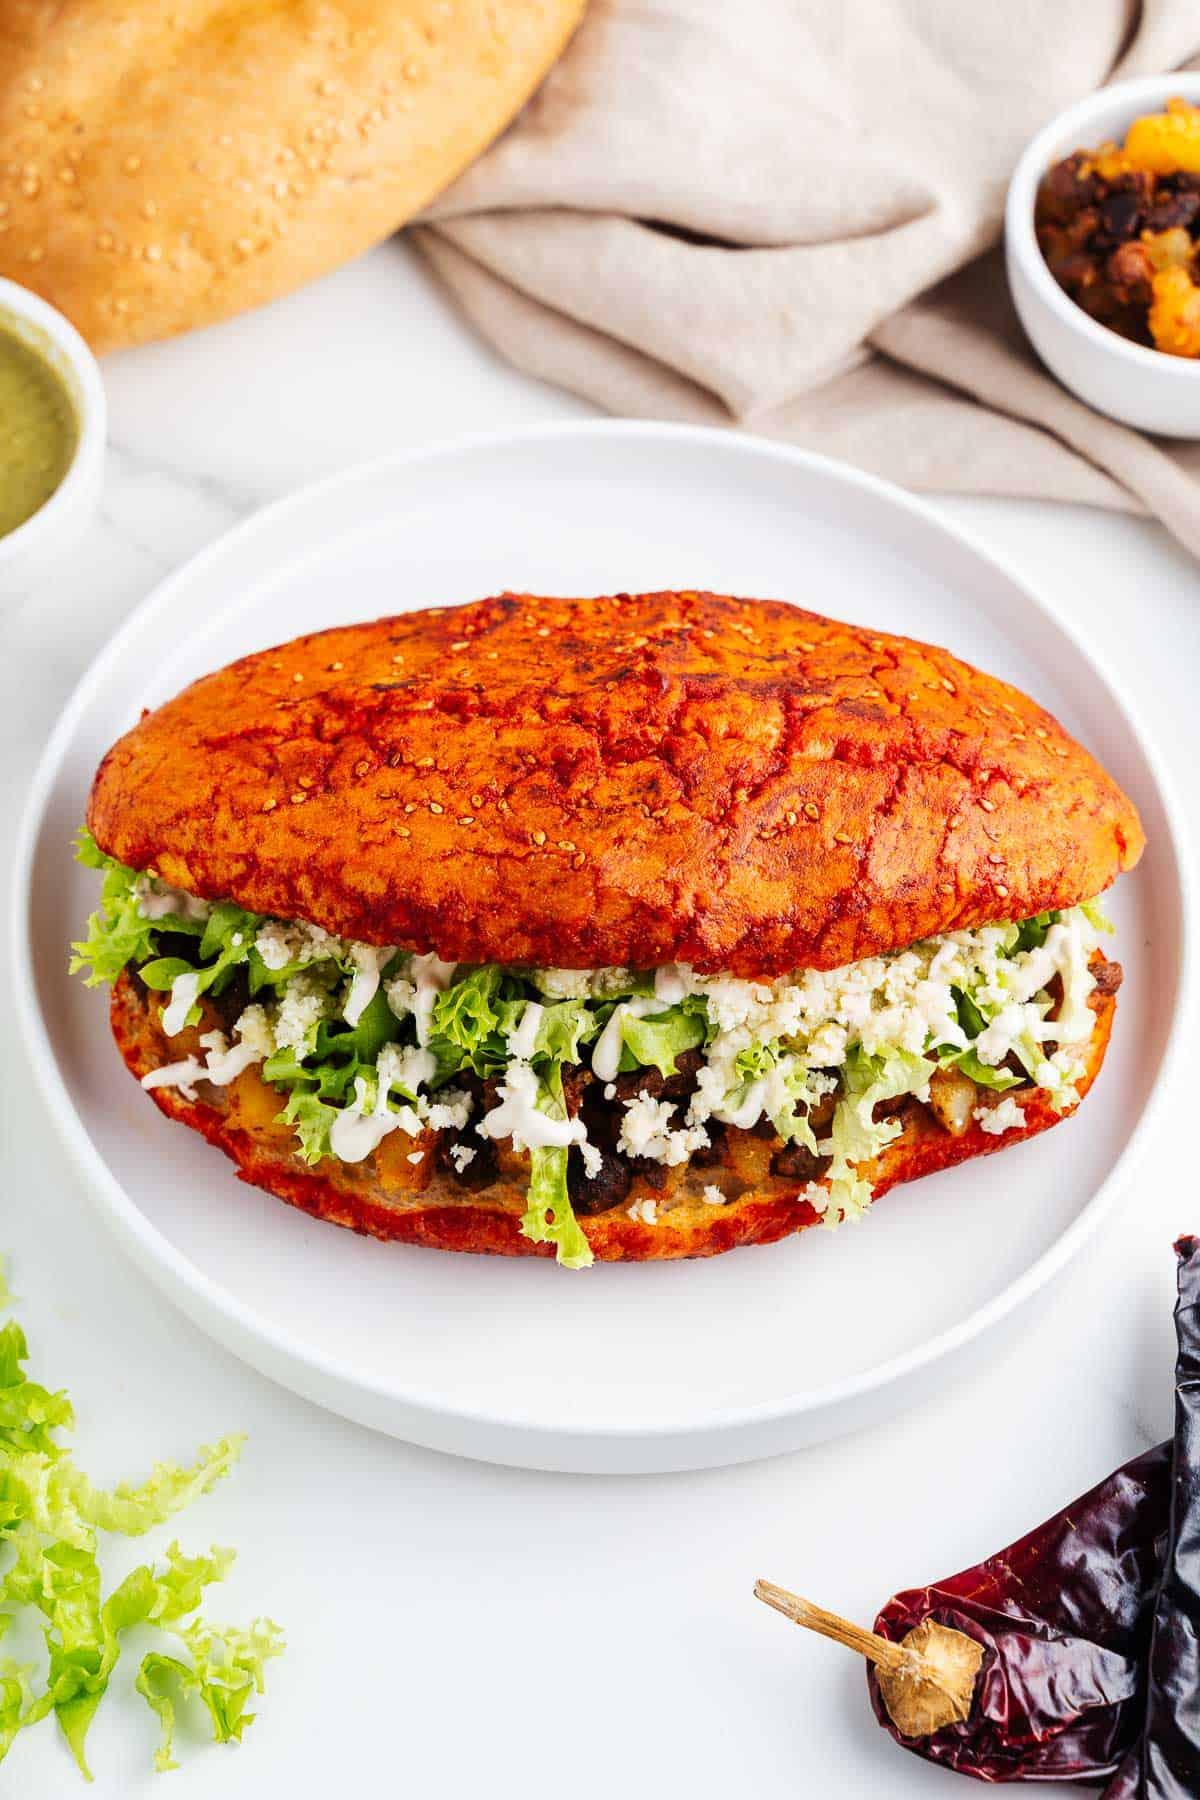 Vegan Pambazos Sandwich on a Plate